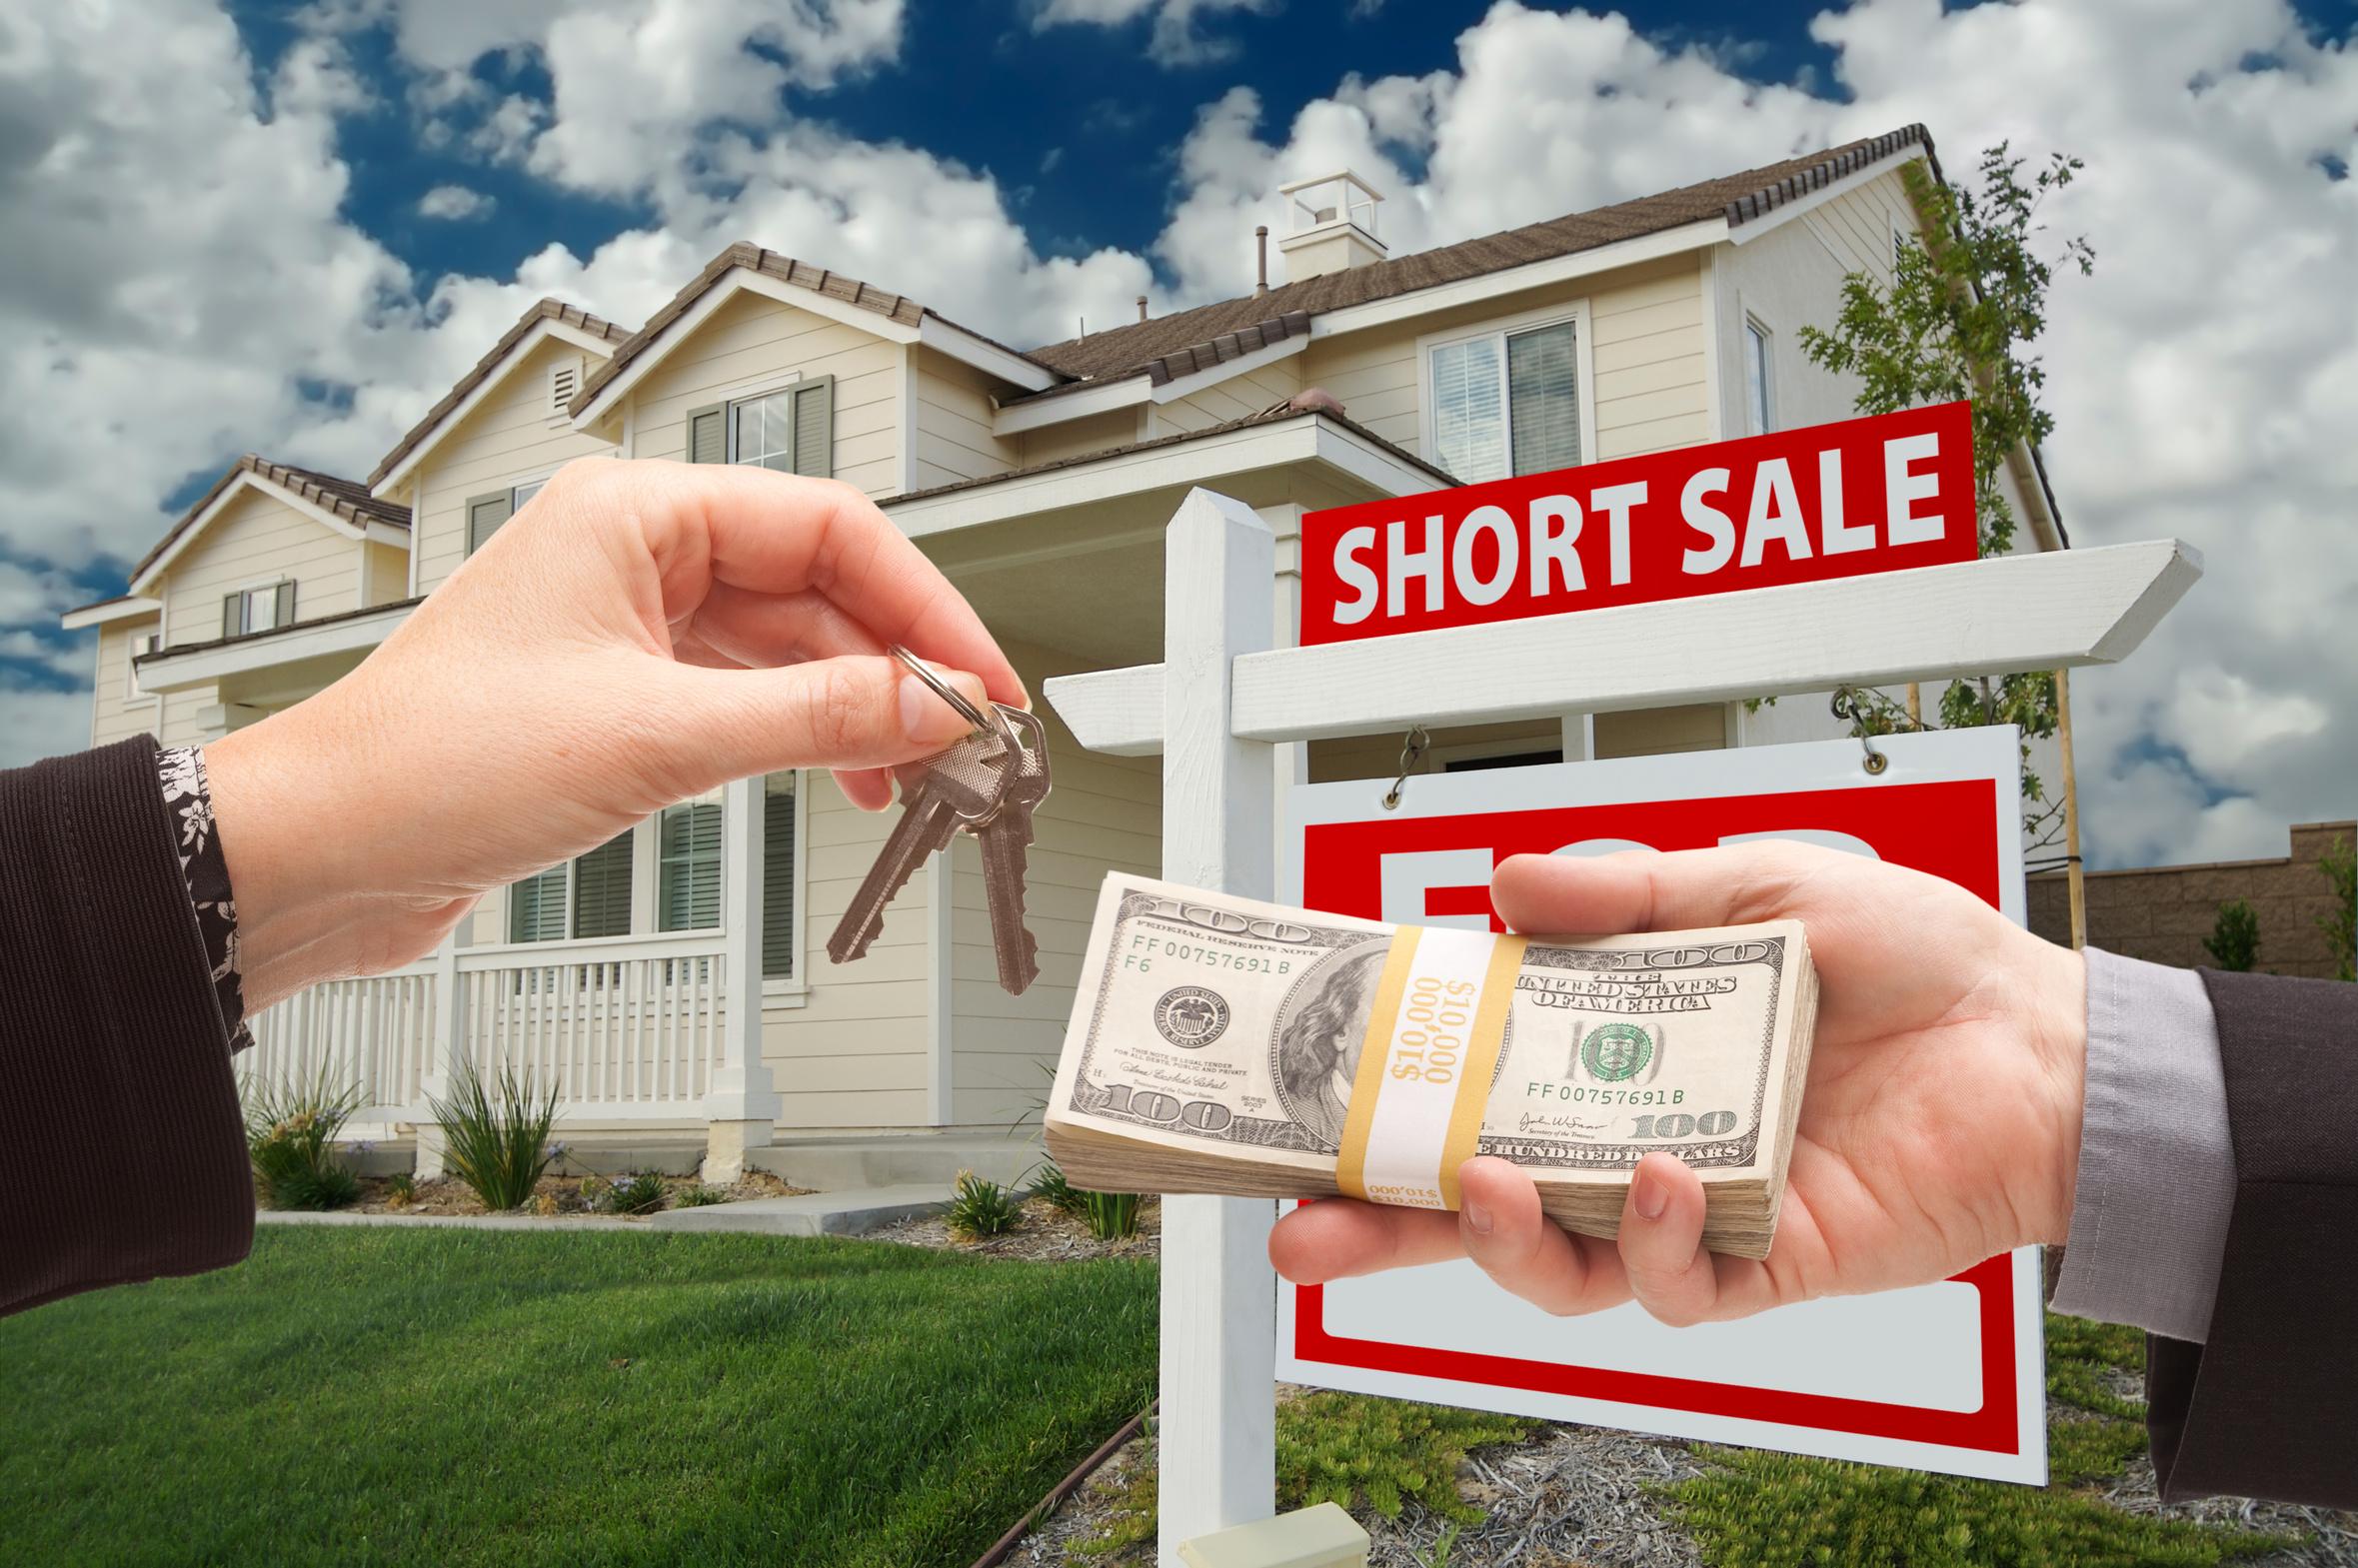 Short Sale Handing Over Keys